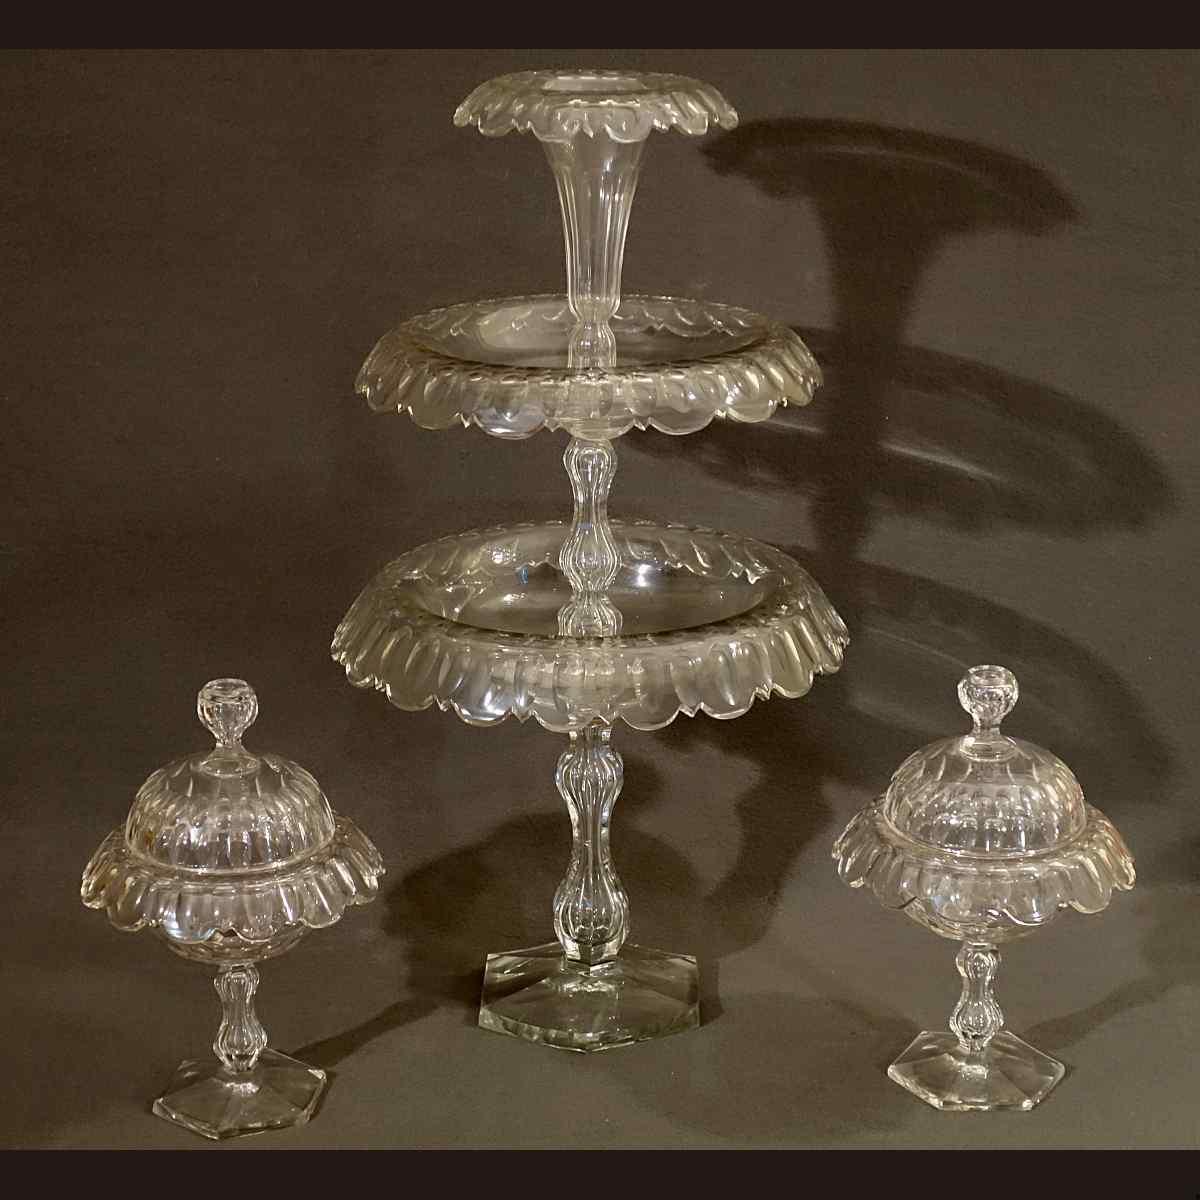 Très Grand Serviteur de Table et ses Drageoirs XIXème